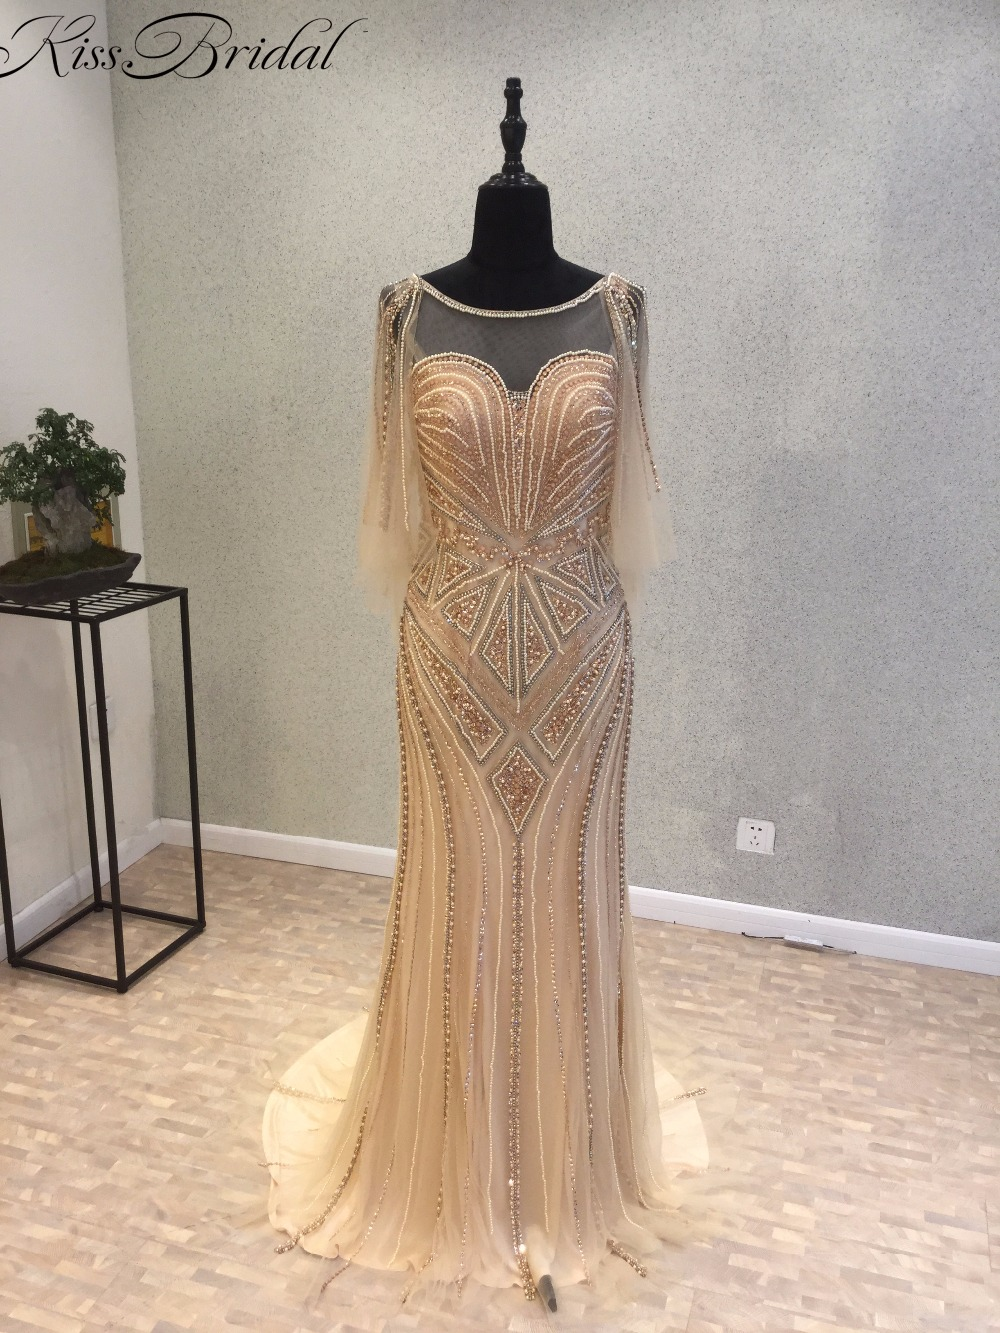 गोल्ड लक्जरी मरमेड - विशेष अवसरों के लिए ड्रेस